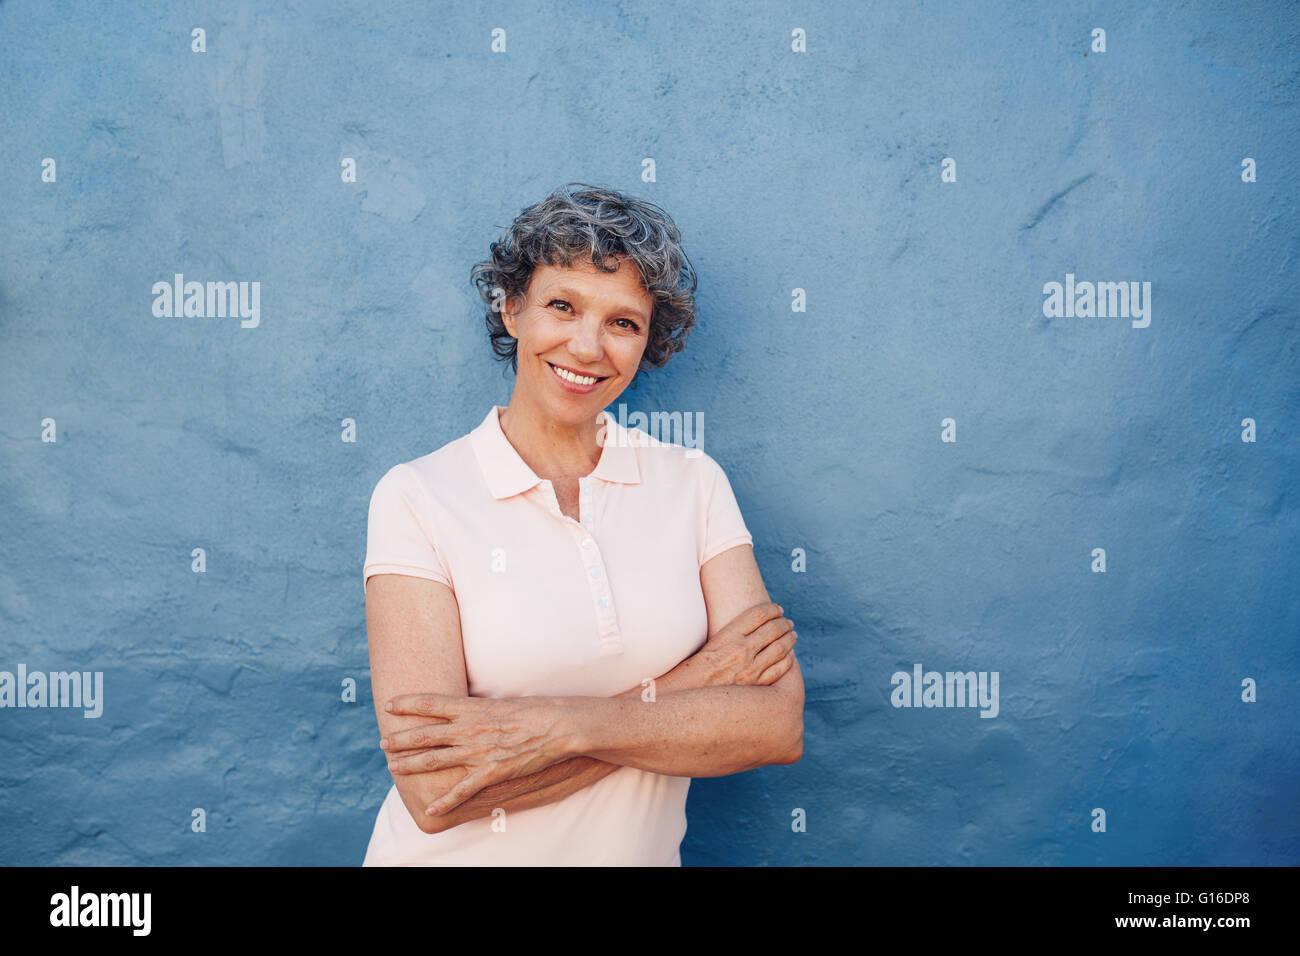 Porträt von attraktive Reife Frau mit ihren Armen gekreuzt stehenden vor blauem Hintergrund. Sie lehnt an einer Stockbild